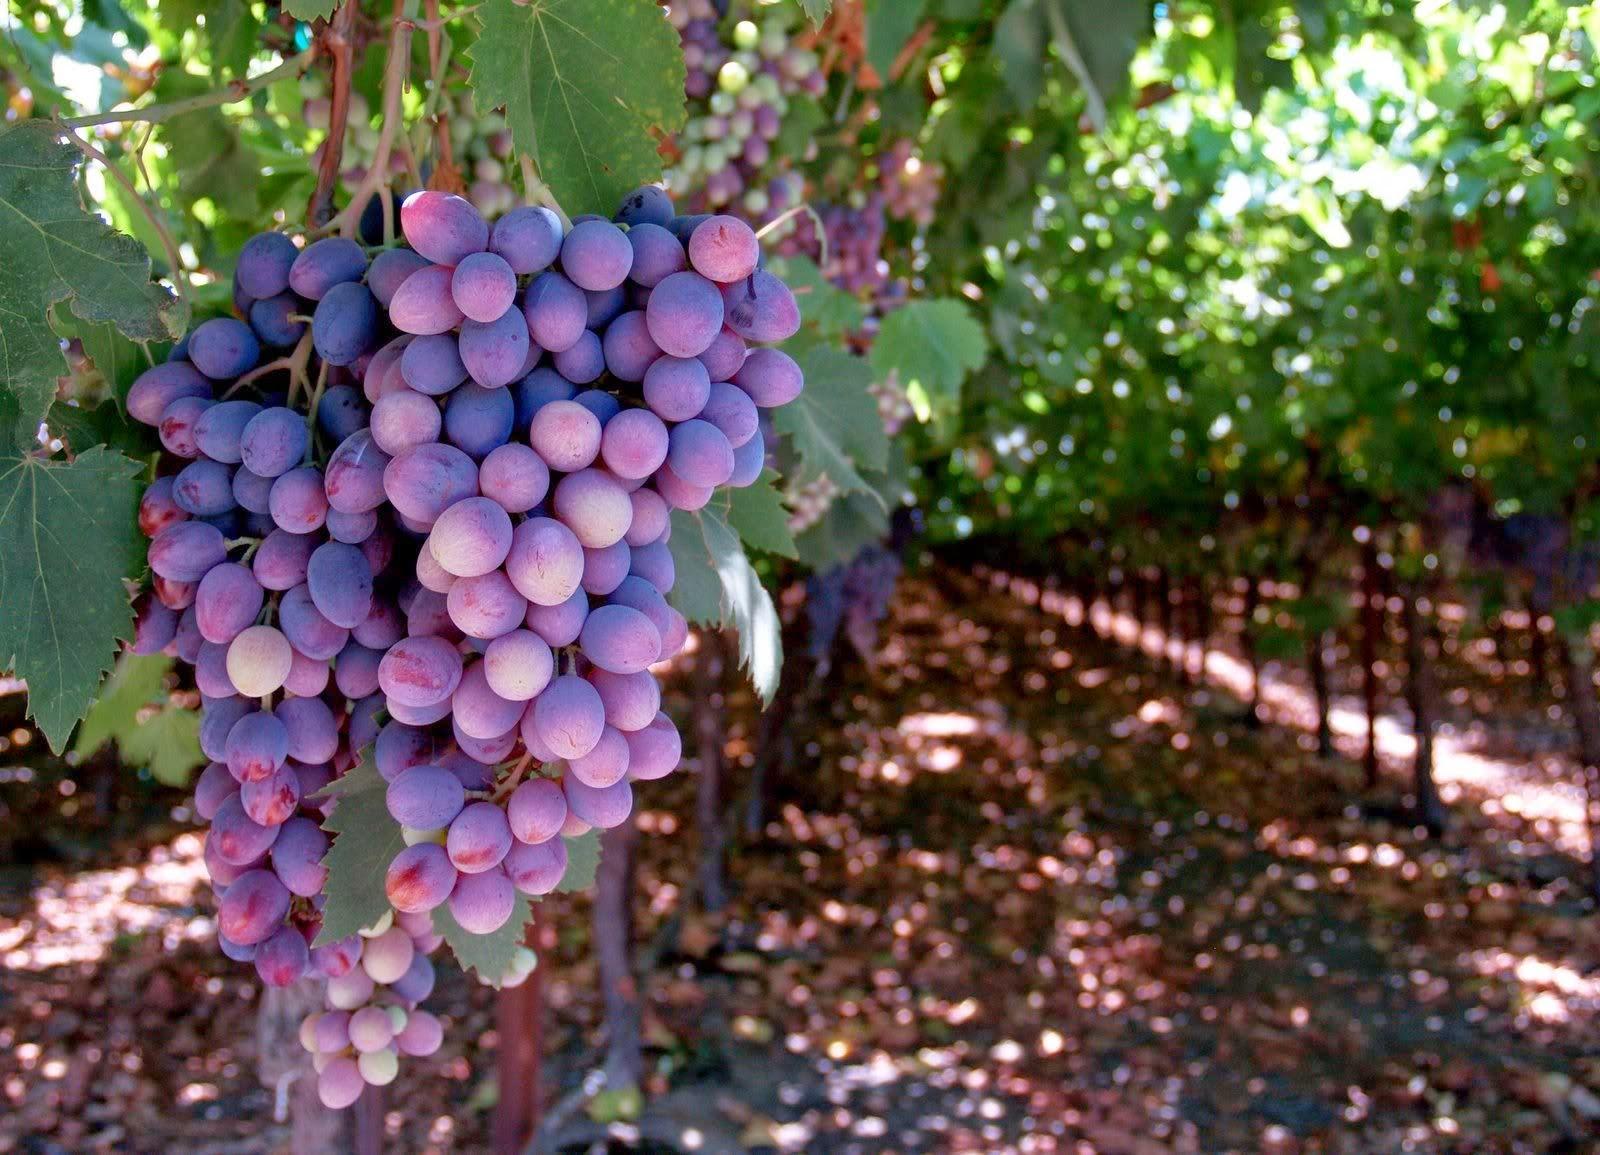 jak zrobić domowe wino z winogron przepis